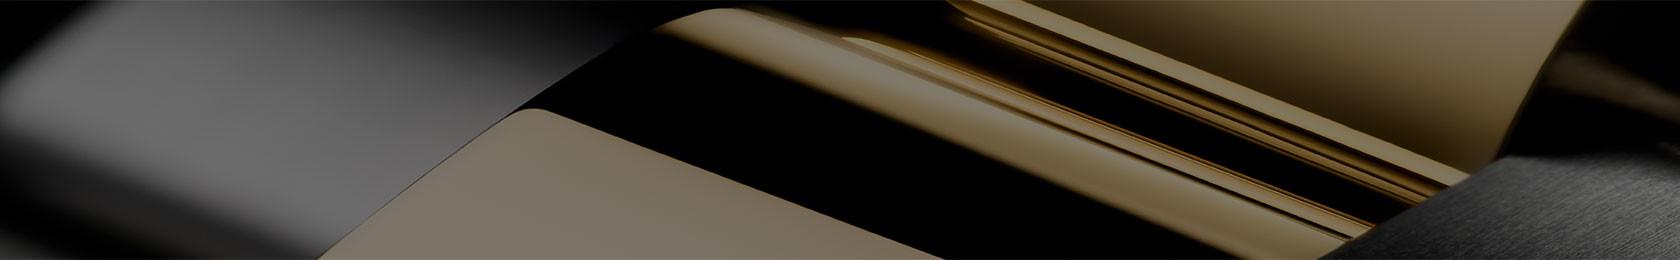 Detailaufname des Gehäuse einer Rolex Sea-Dweller